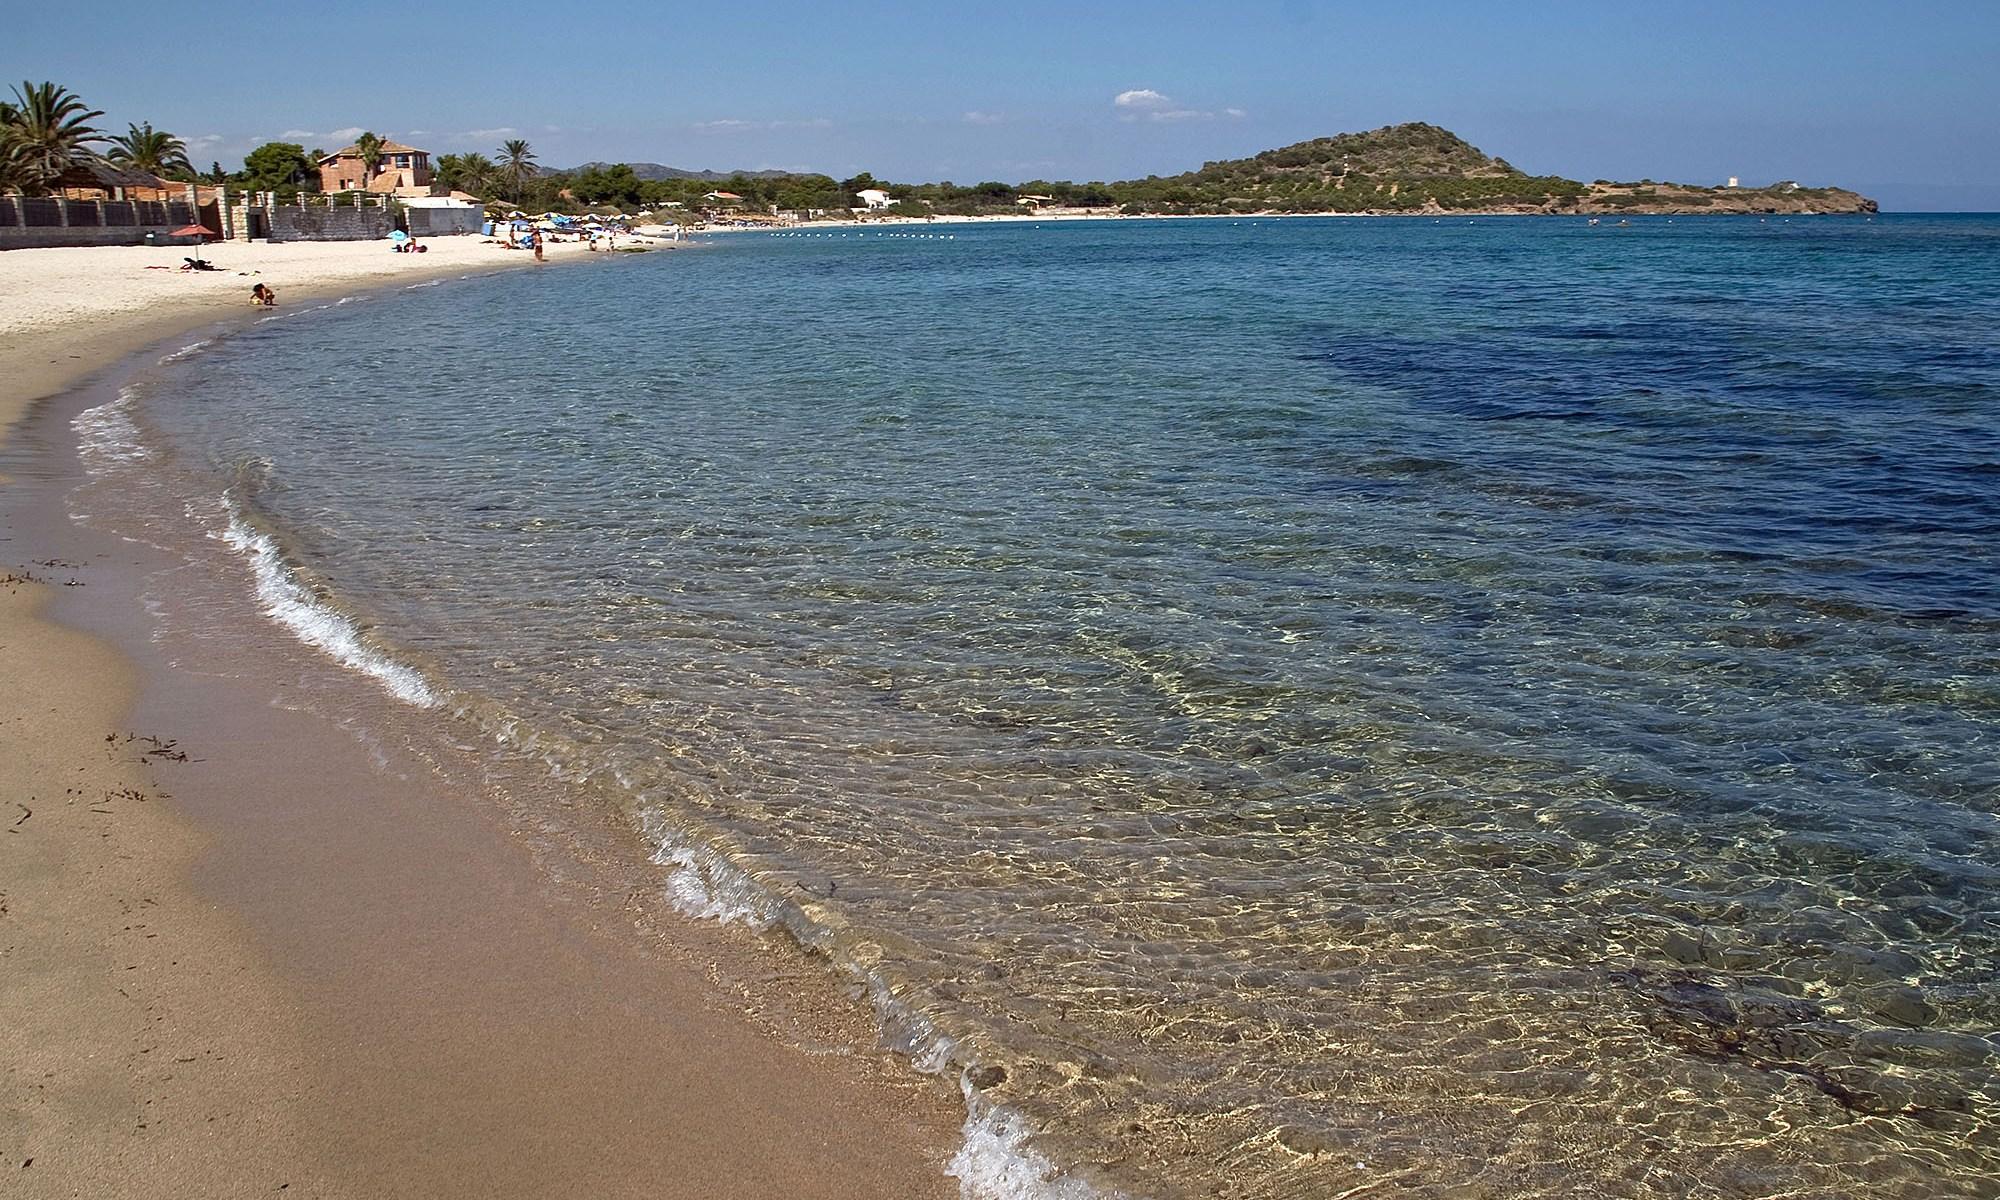 Beach at Pula, Sardinia, Italy